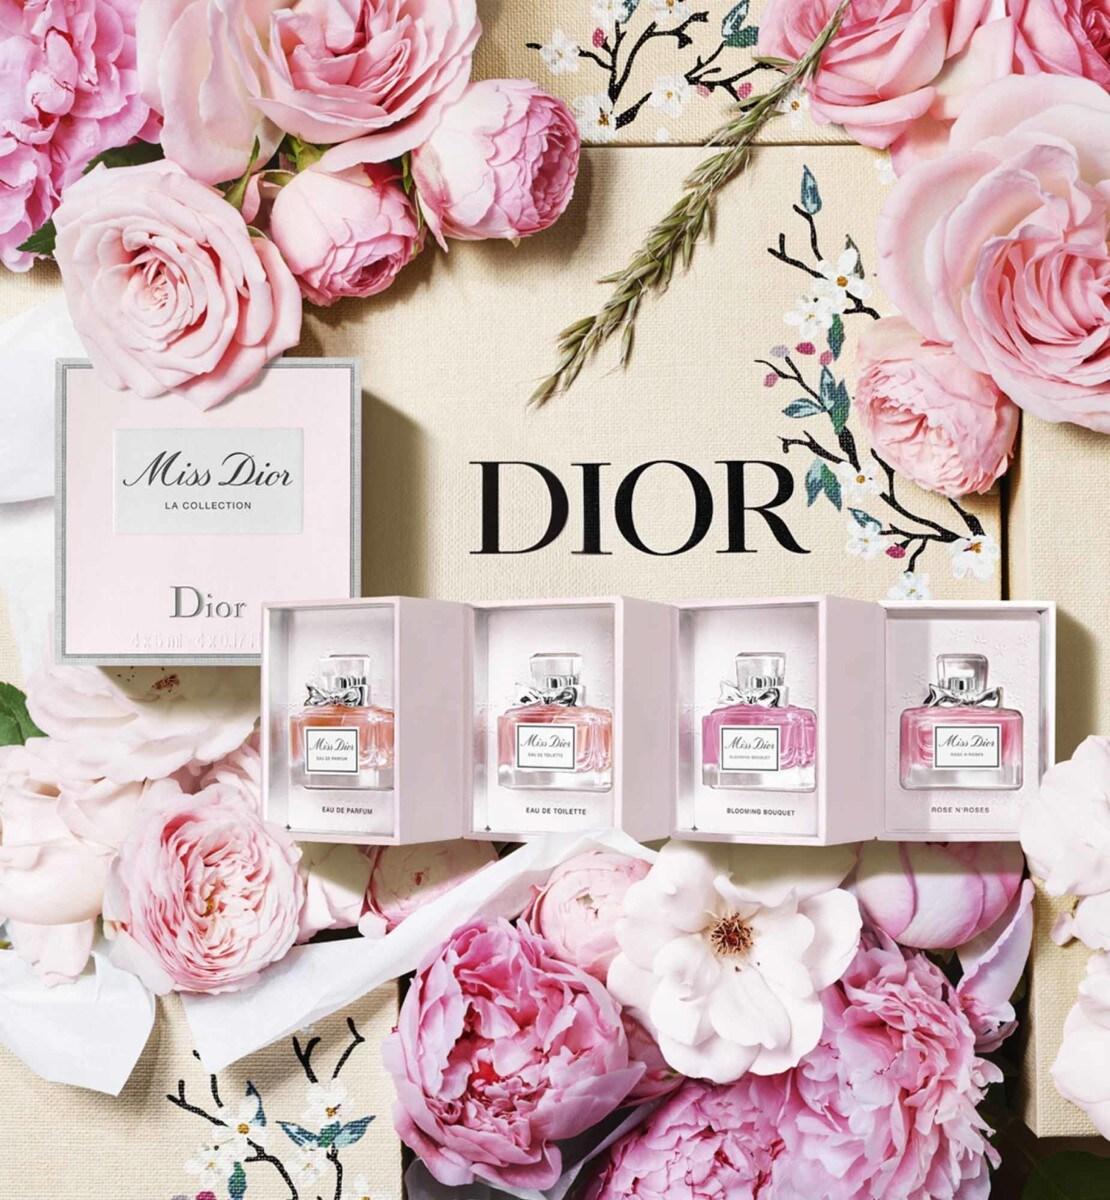 Dior - ミス ディオール ミニチュア コフレ (数量限定品) ミス ディオールの人気の4フレグランスのミニチュア セット